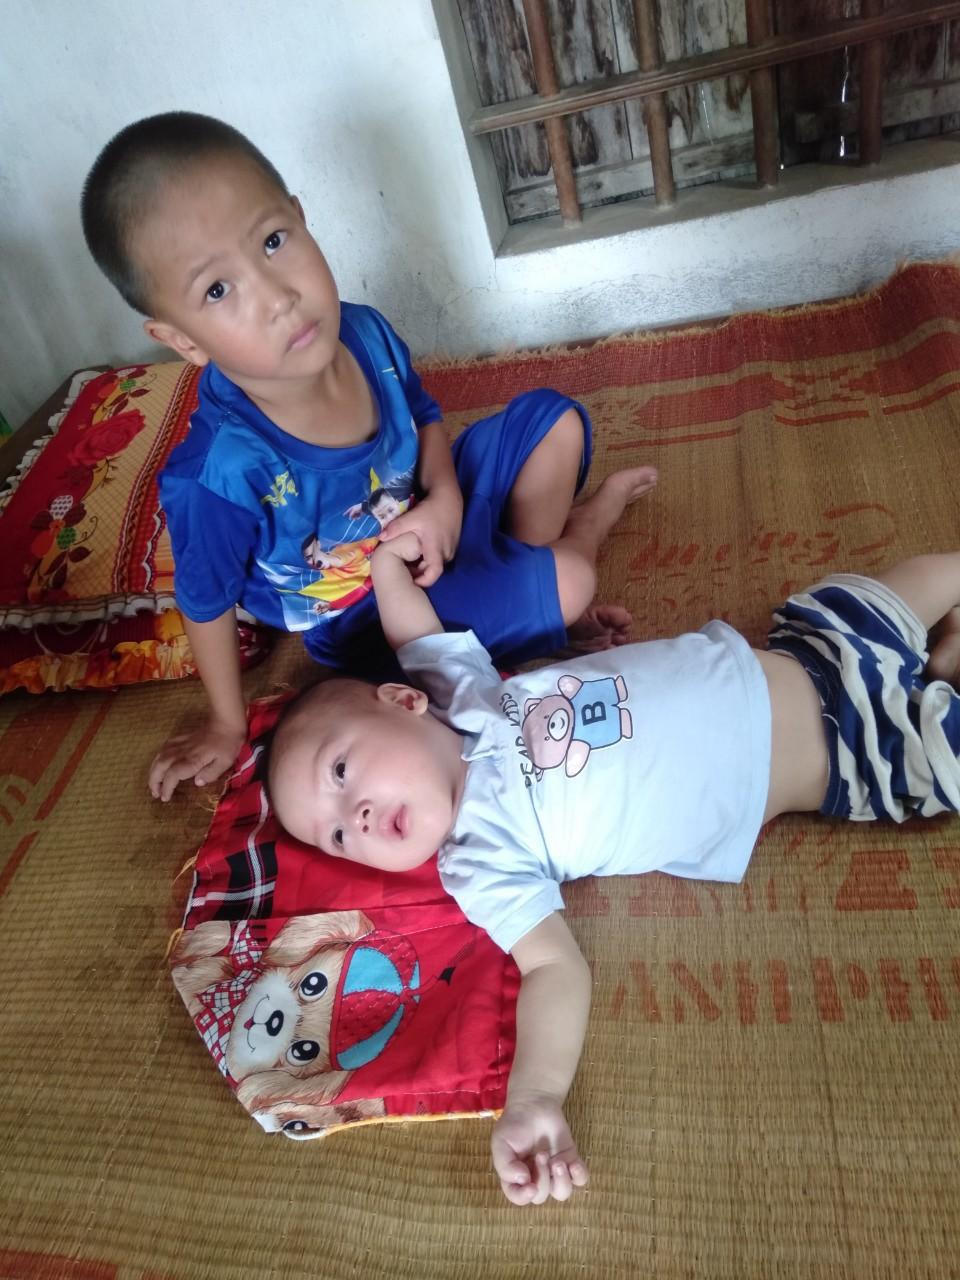 Con trai lớn 5 tuổi mắc bệnh tim, đứa bé 1 tuổi liệt tứ chi, người mẹ nuốt nước mắt cầu xin một cơ hội để cứu con-8